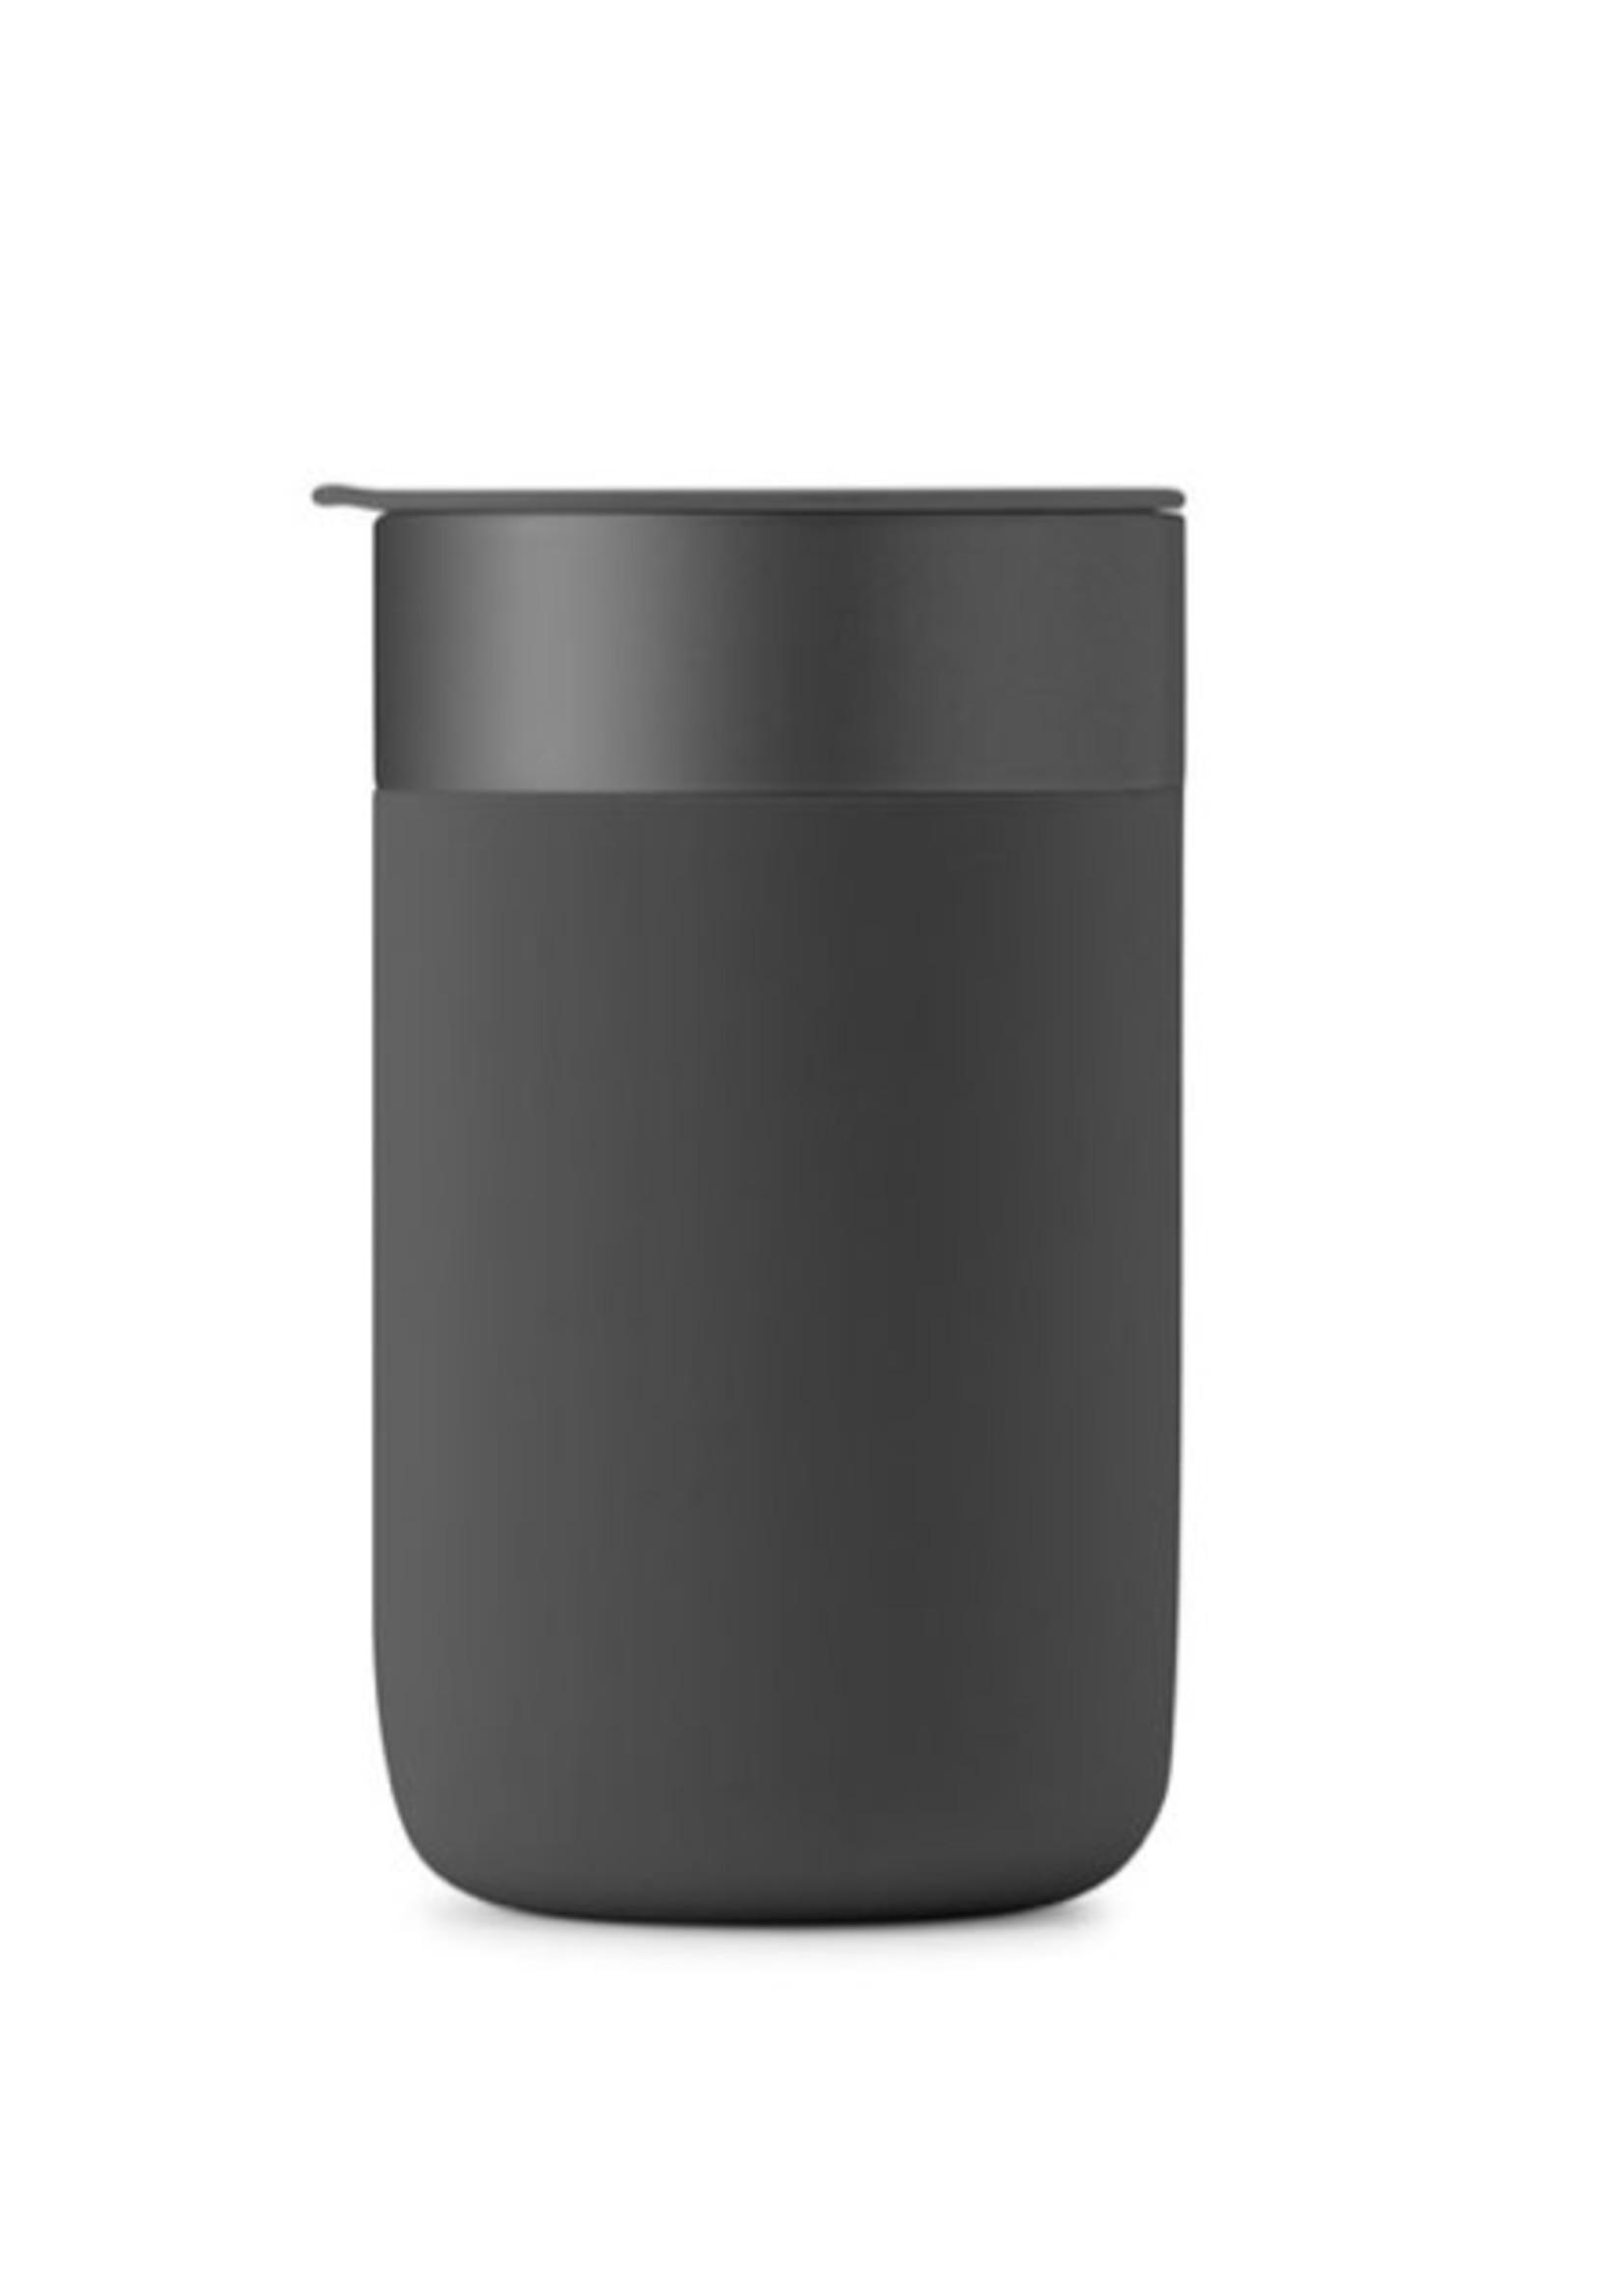 Porter Ceramic Mug - 16oz Charcoal